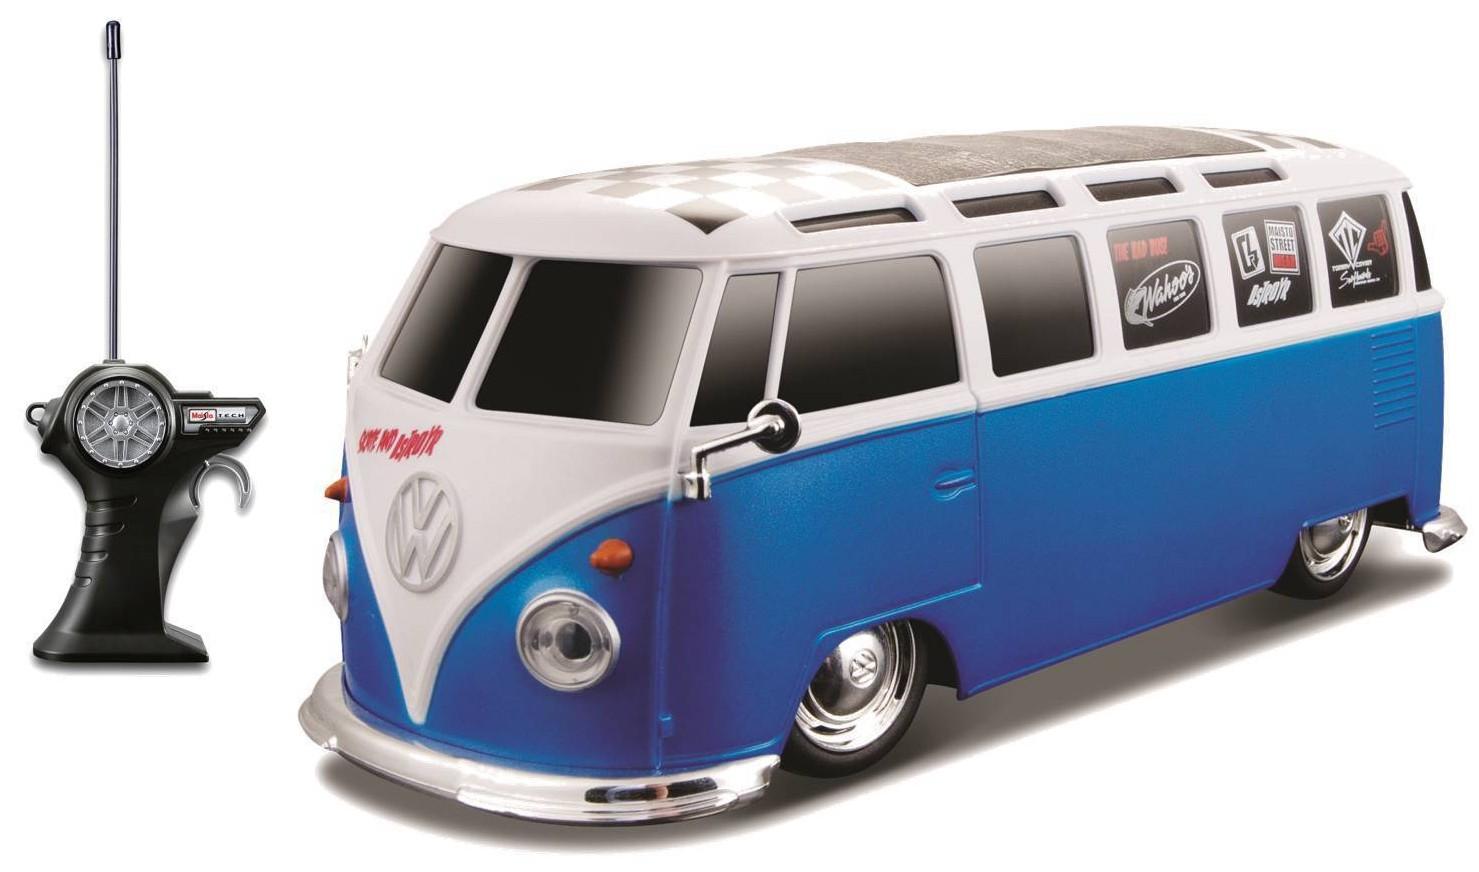 81144B 1op24 VW T1 samba maisto